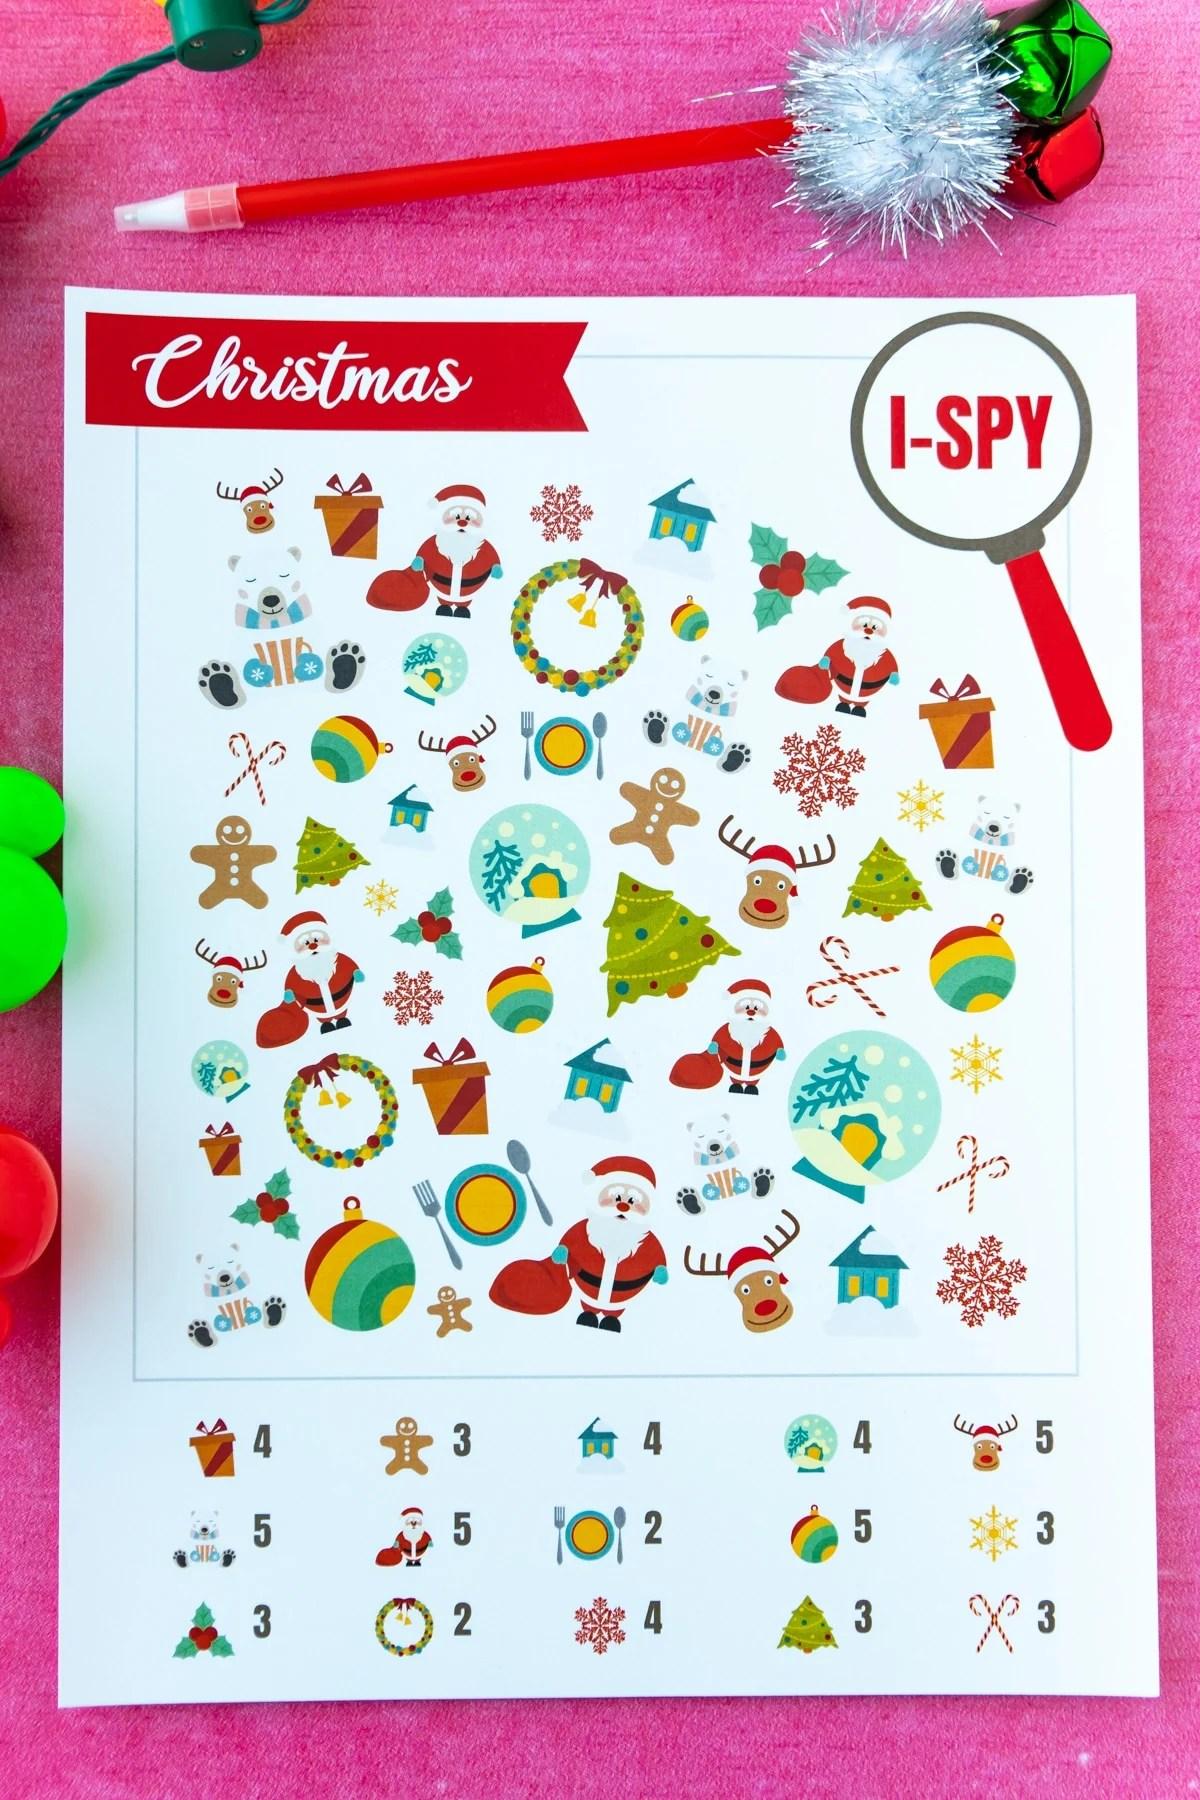 Free Printable Christmas I Spy Game For Kids